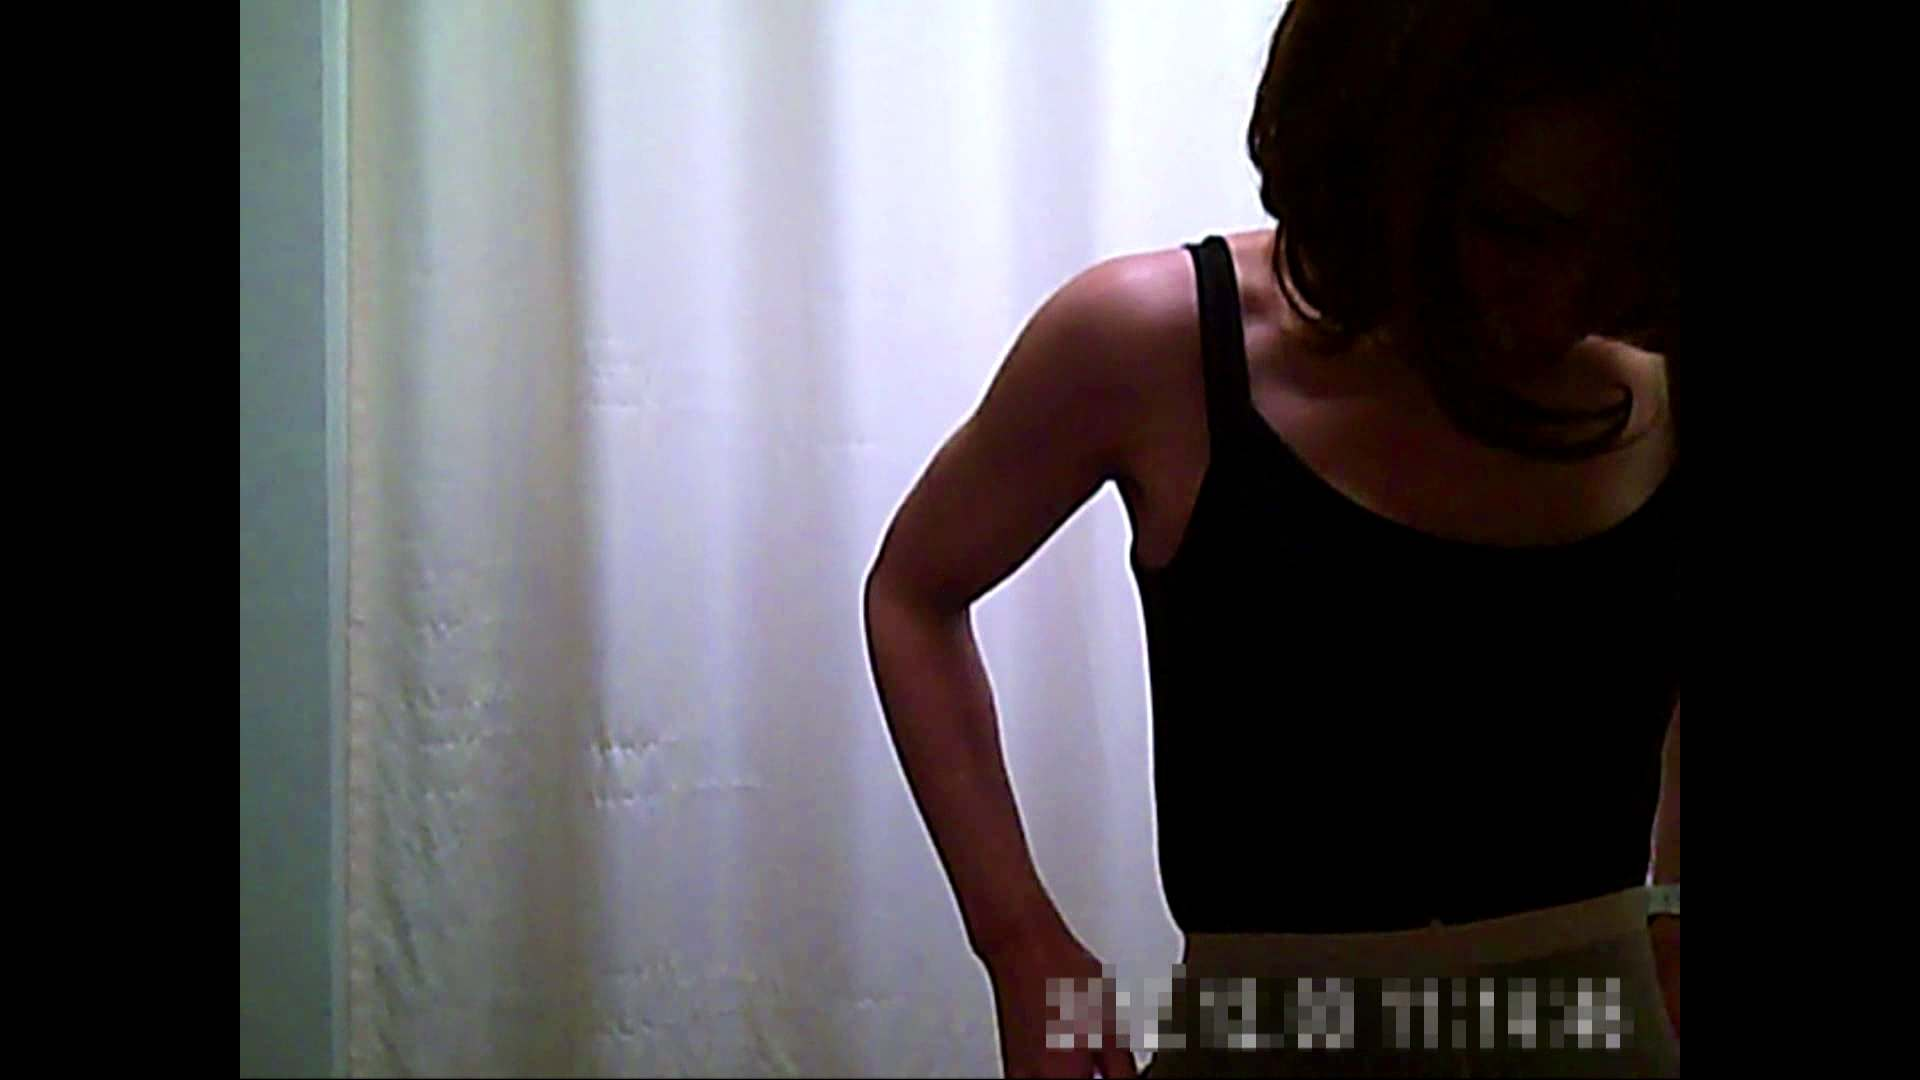 元医者による反抗 更衣室地獄絵巻 vol.130 OLハメ撮り  30Pix 28